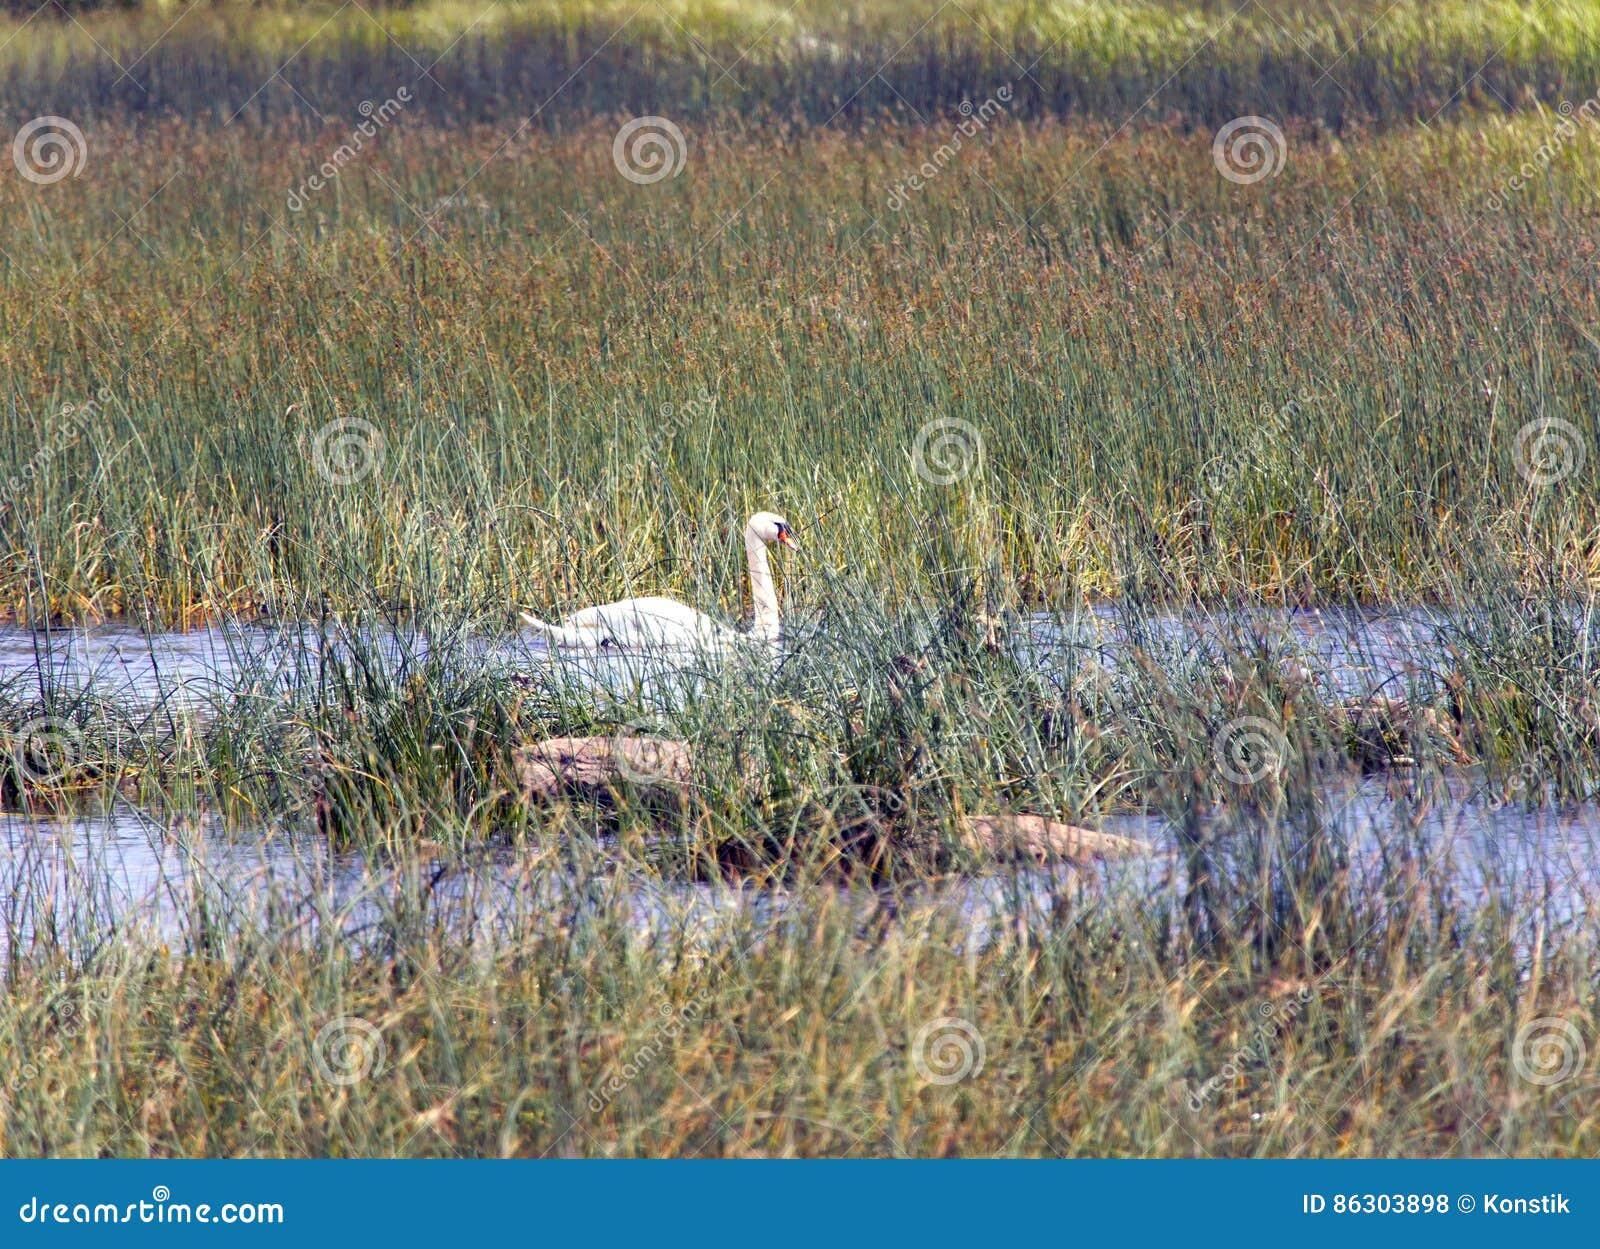 Лебедь в озере, в окружающей среде зеленой травы и камней